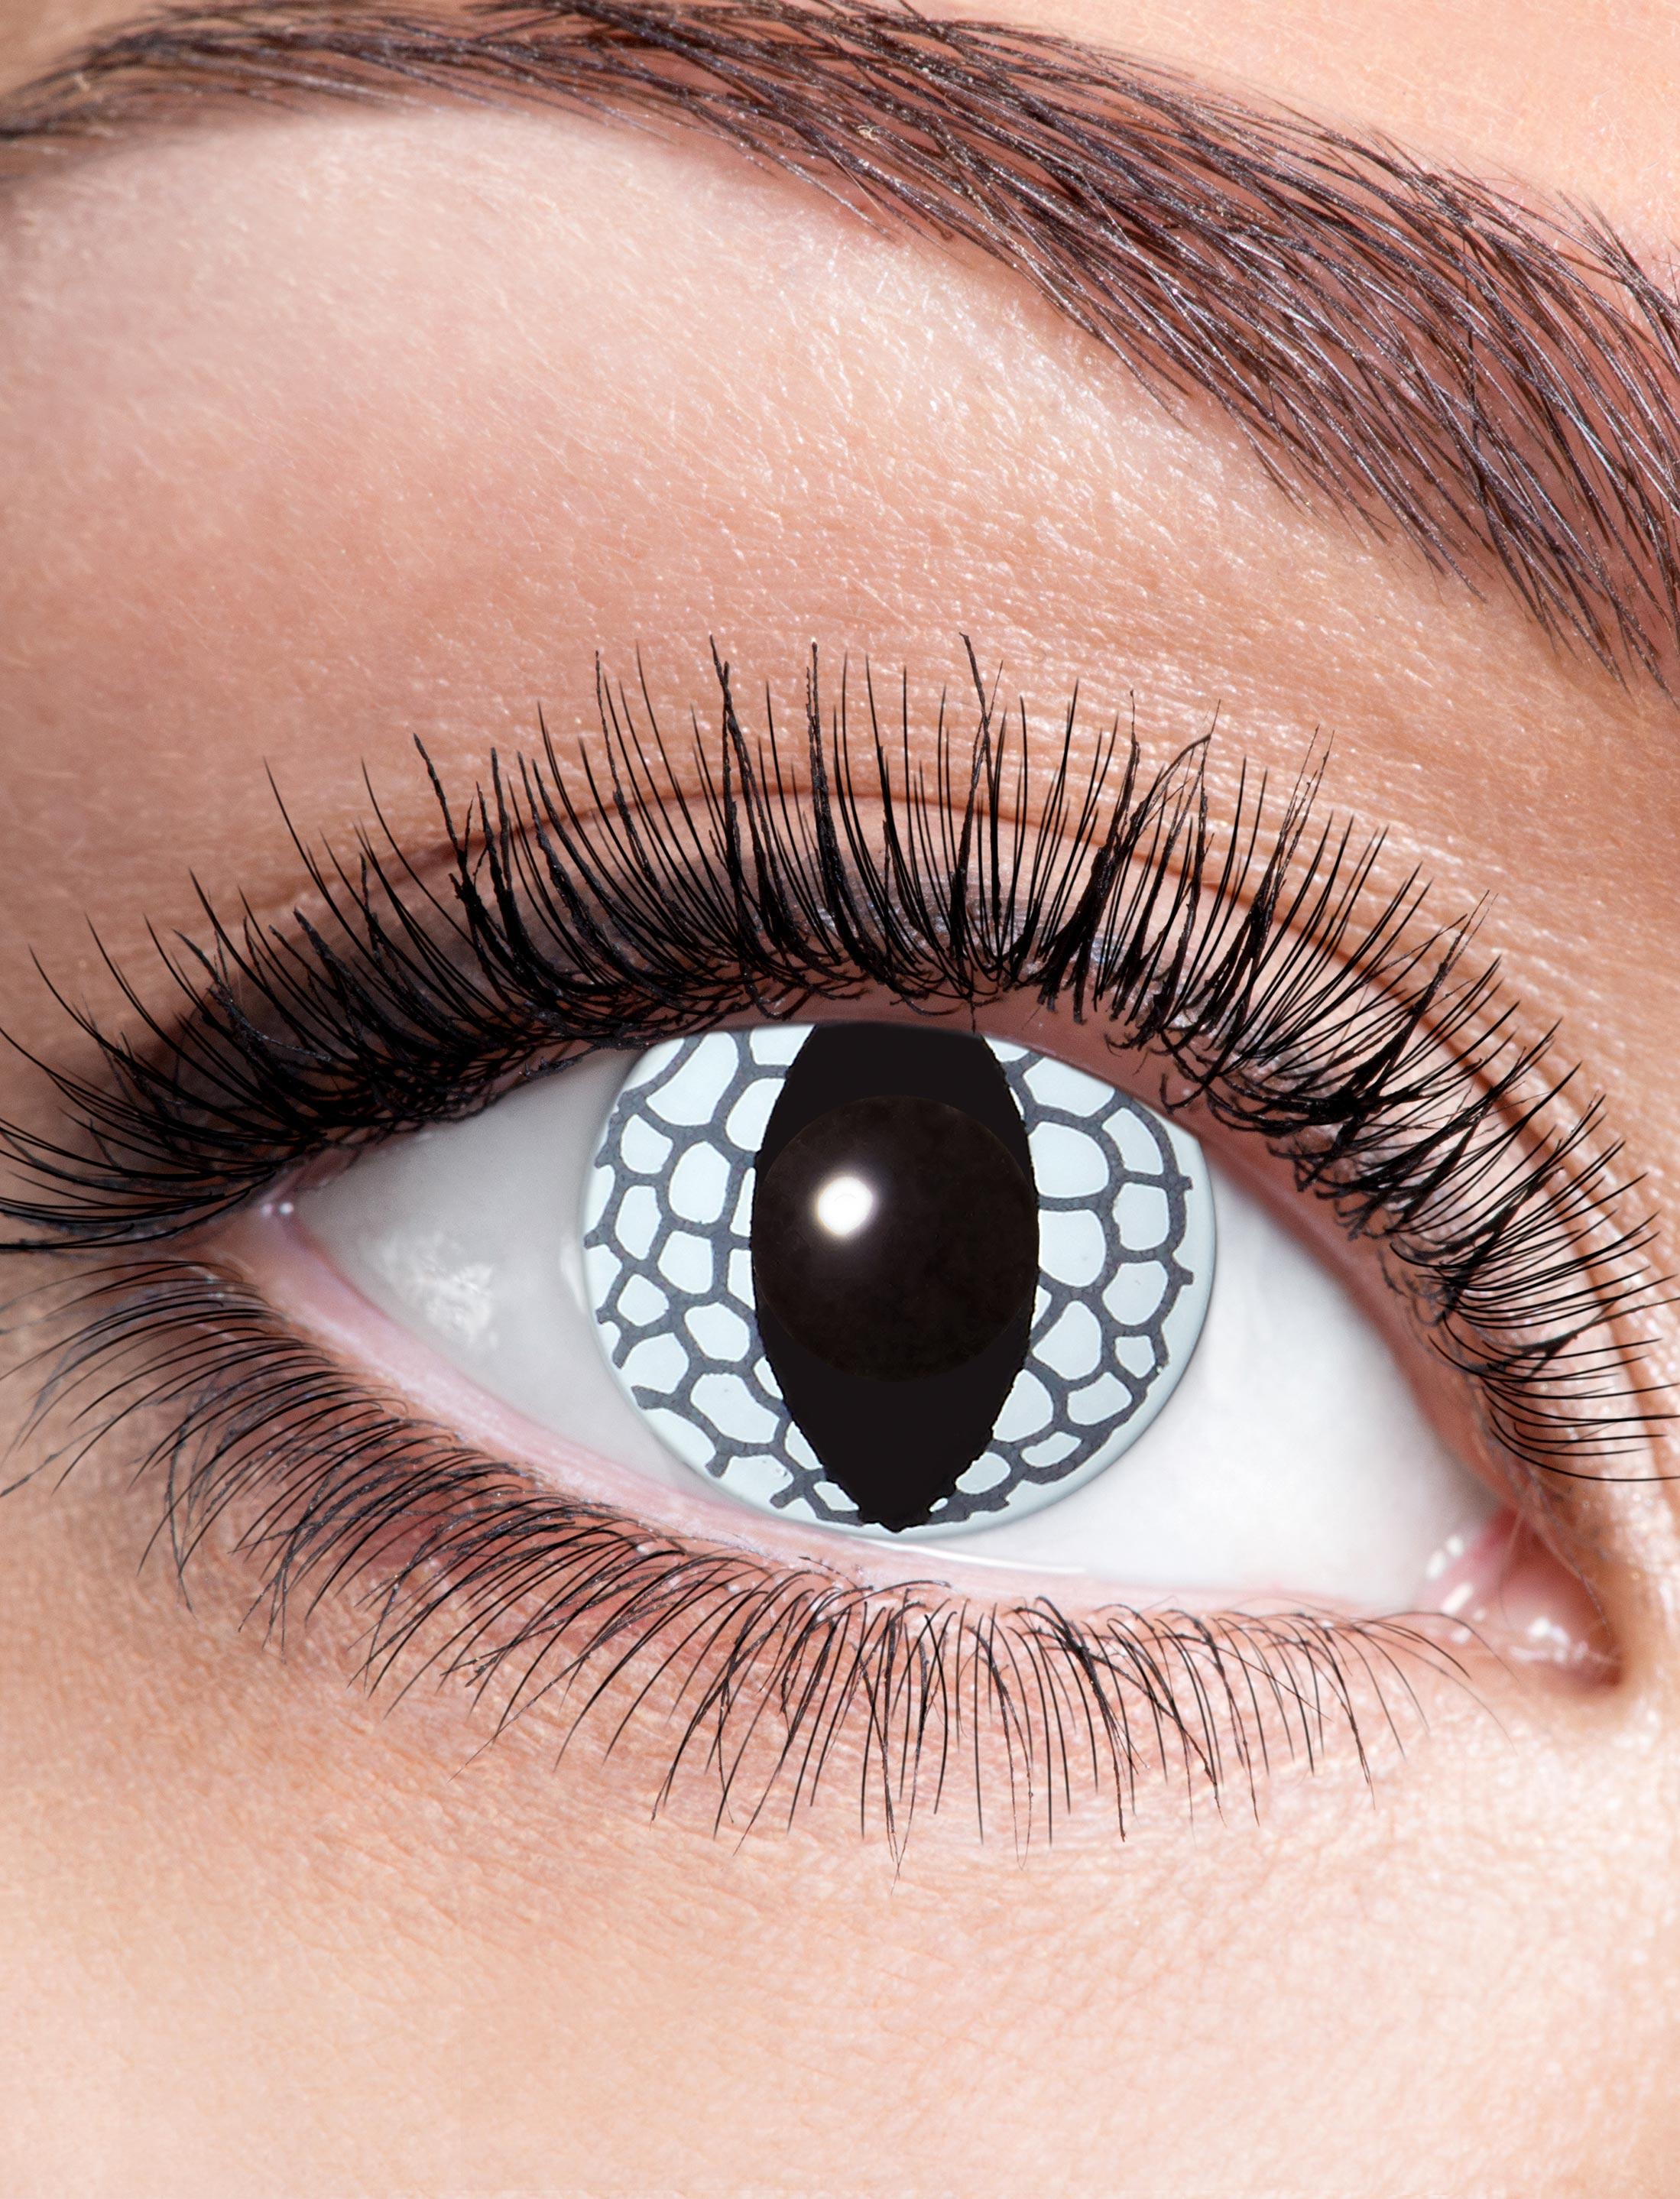 Kostuemzubehor Kontaktlinsen White Dragon Farbe: weiss